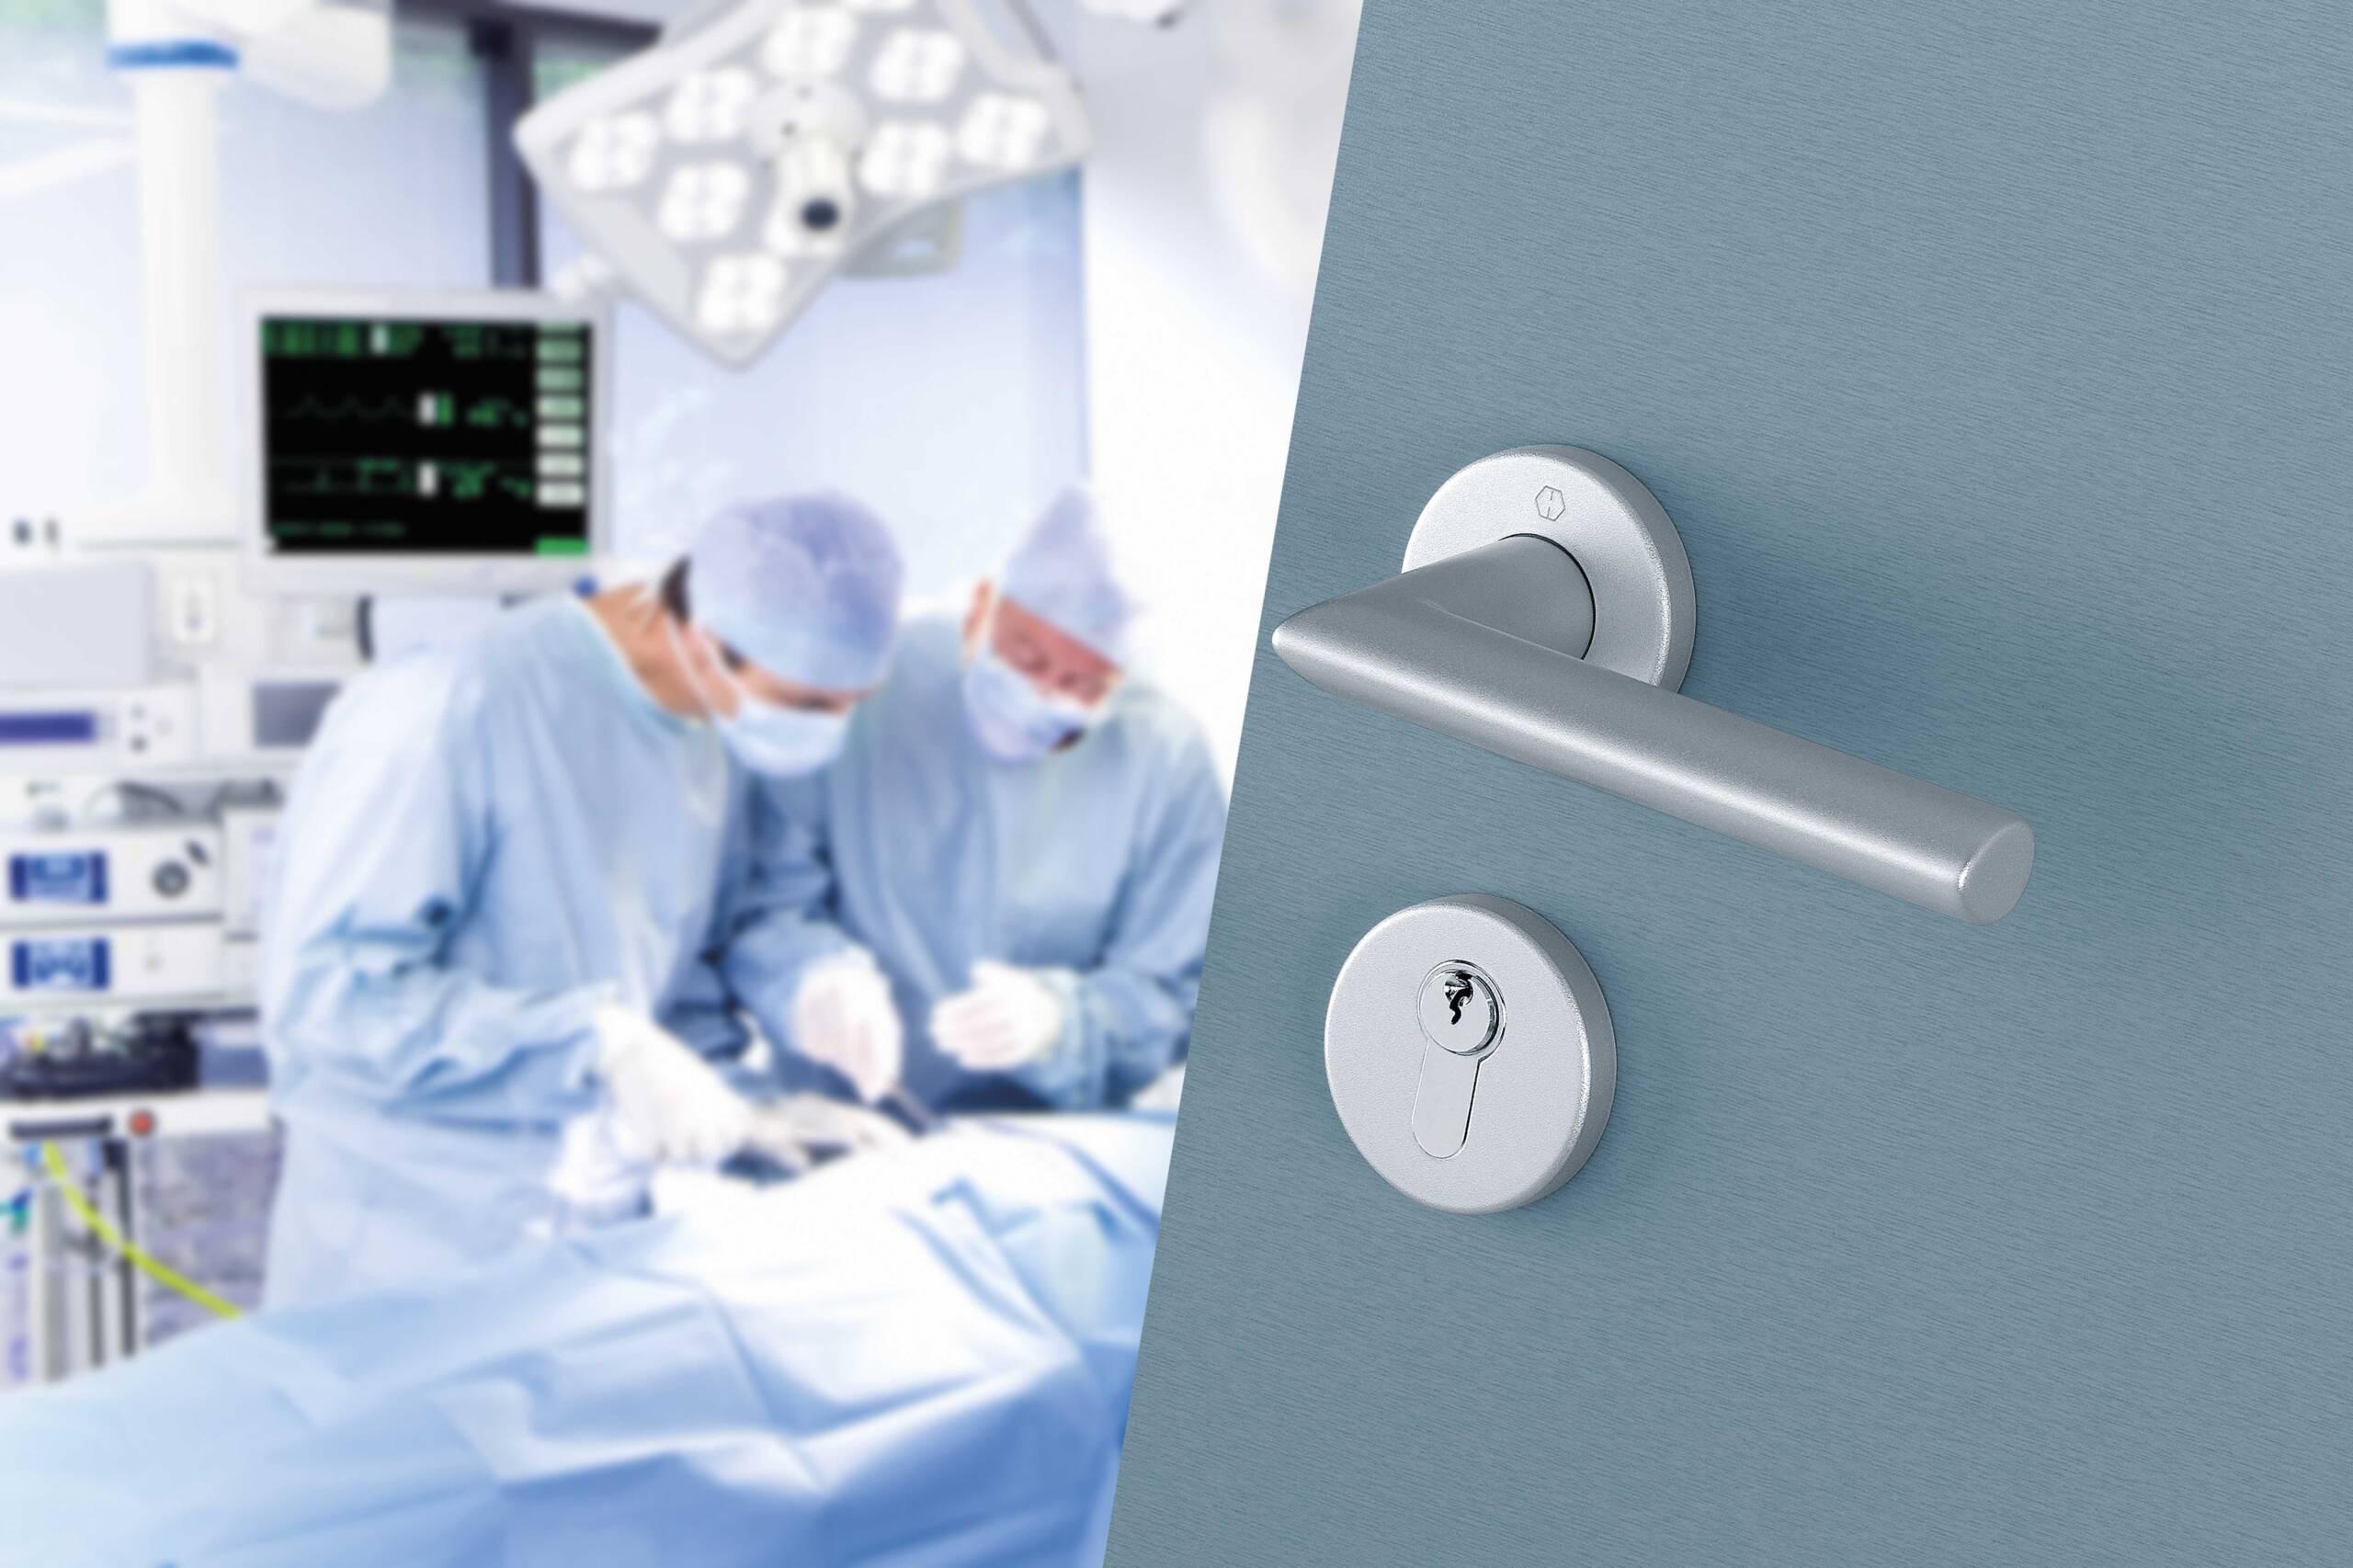 SecuSan® površina smanjuje rizik od infekcije